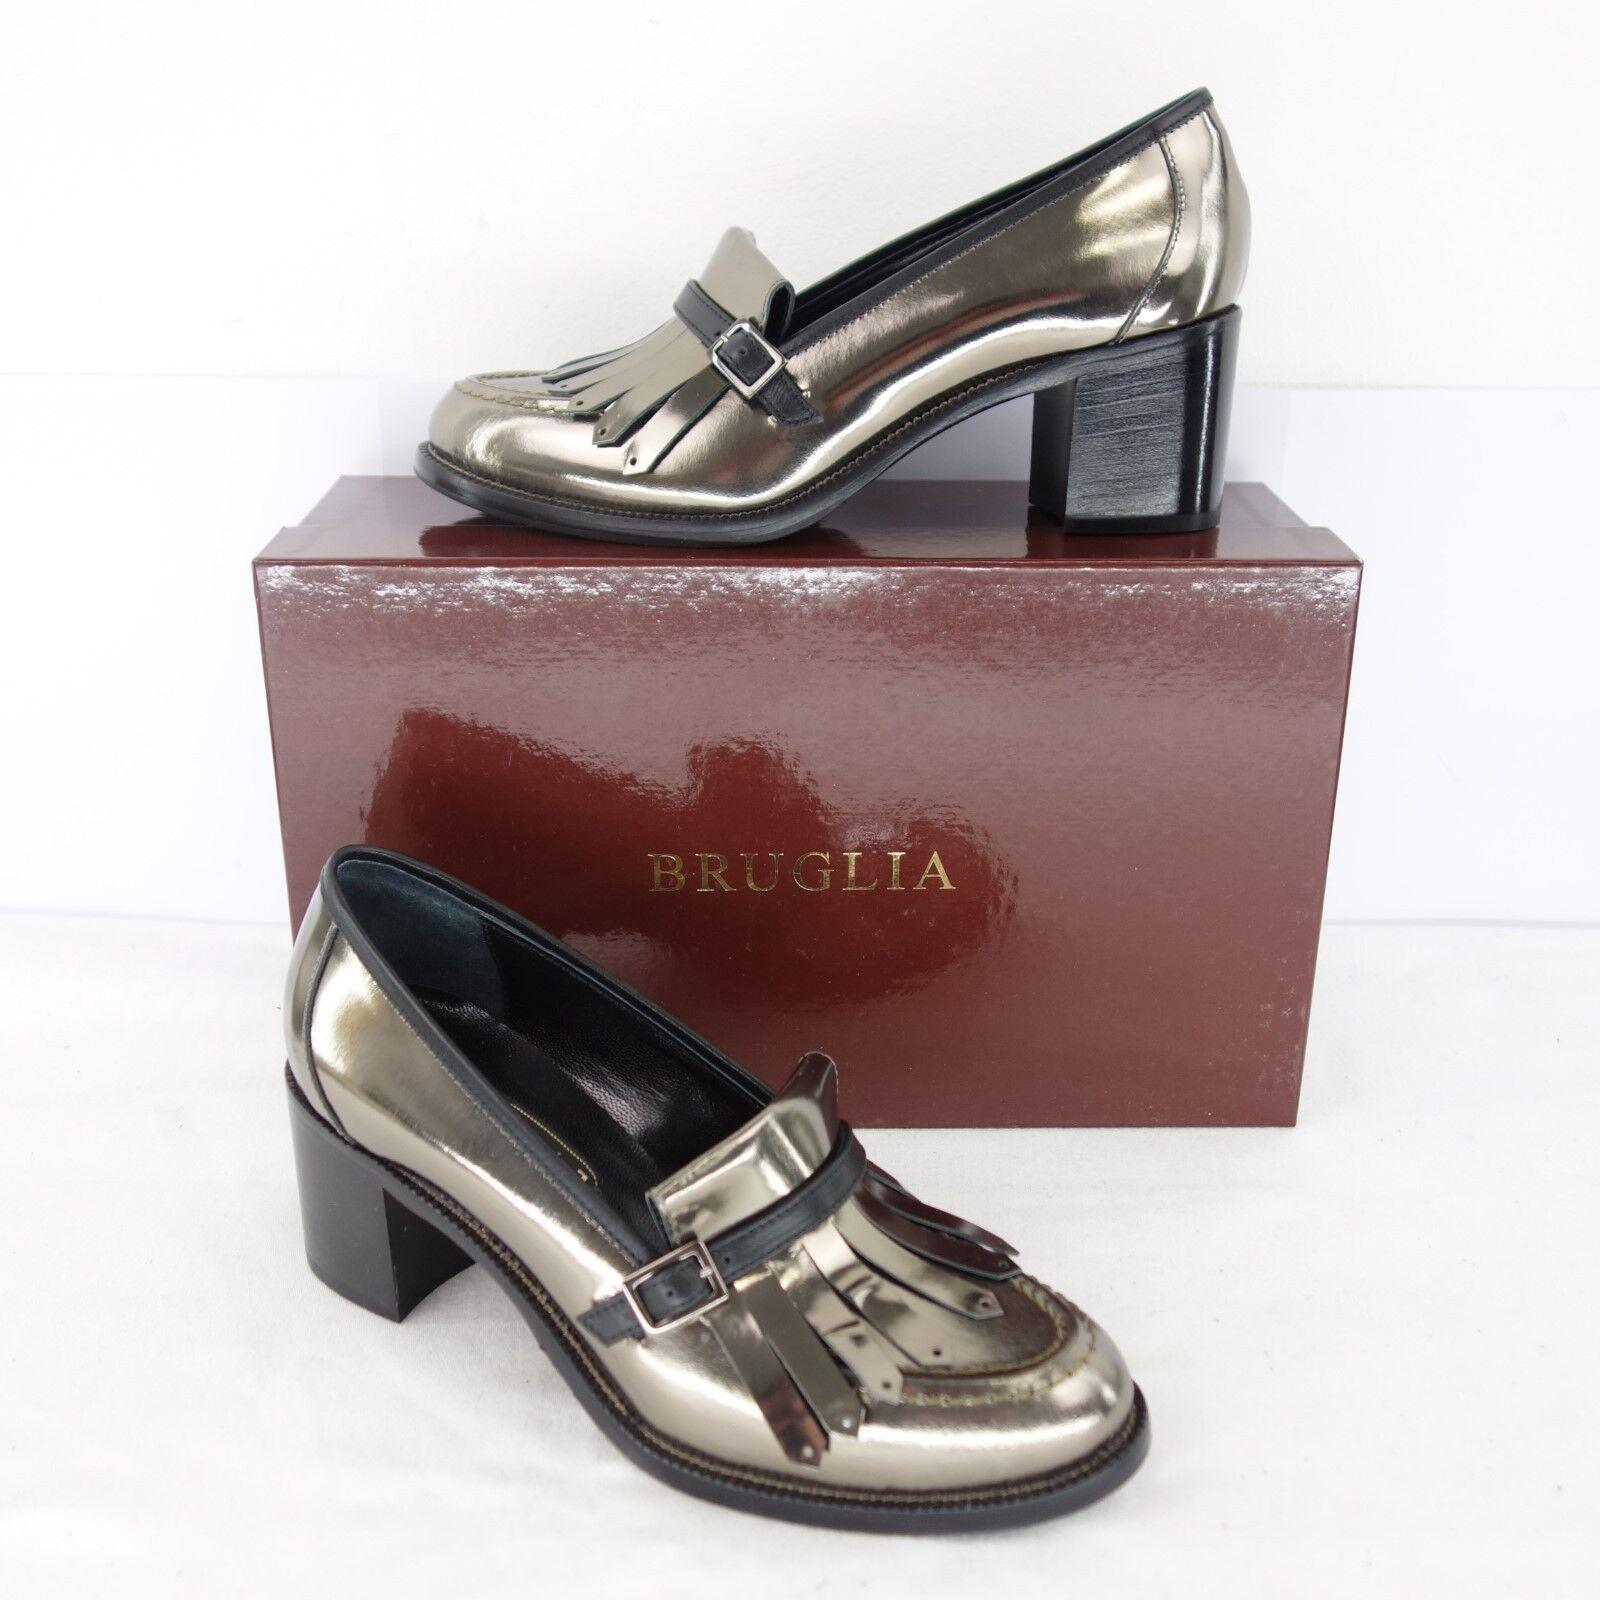 Bruglia loafer PUMPS 6170 Argento Metallizzato Pelle Scarpe da Donna Taglia 37 NP 235 NUOVO